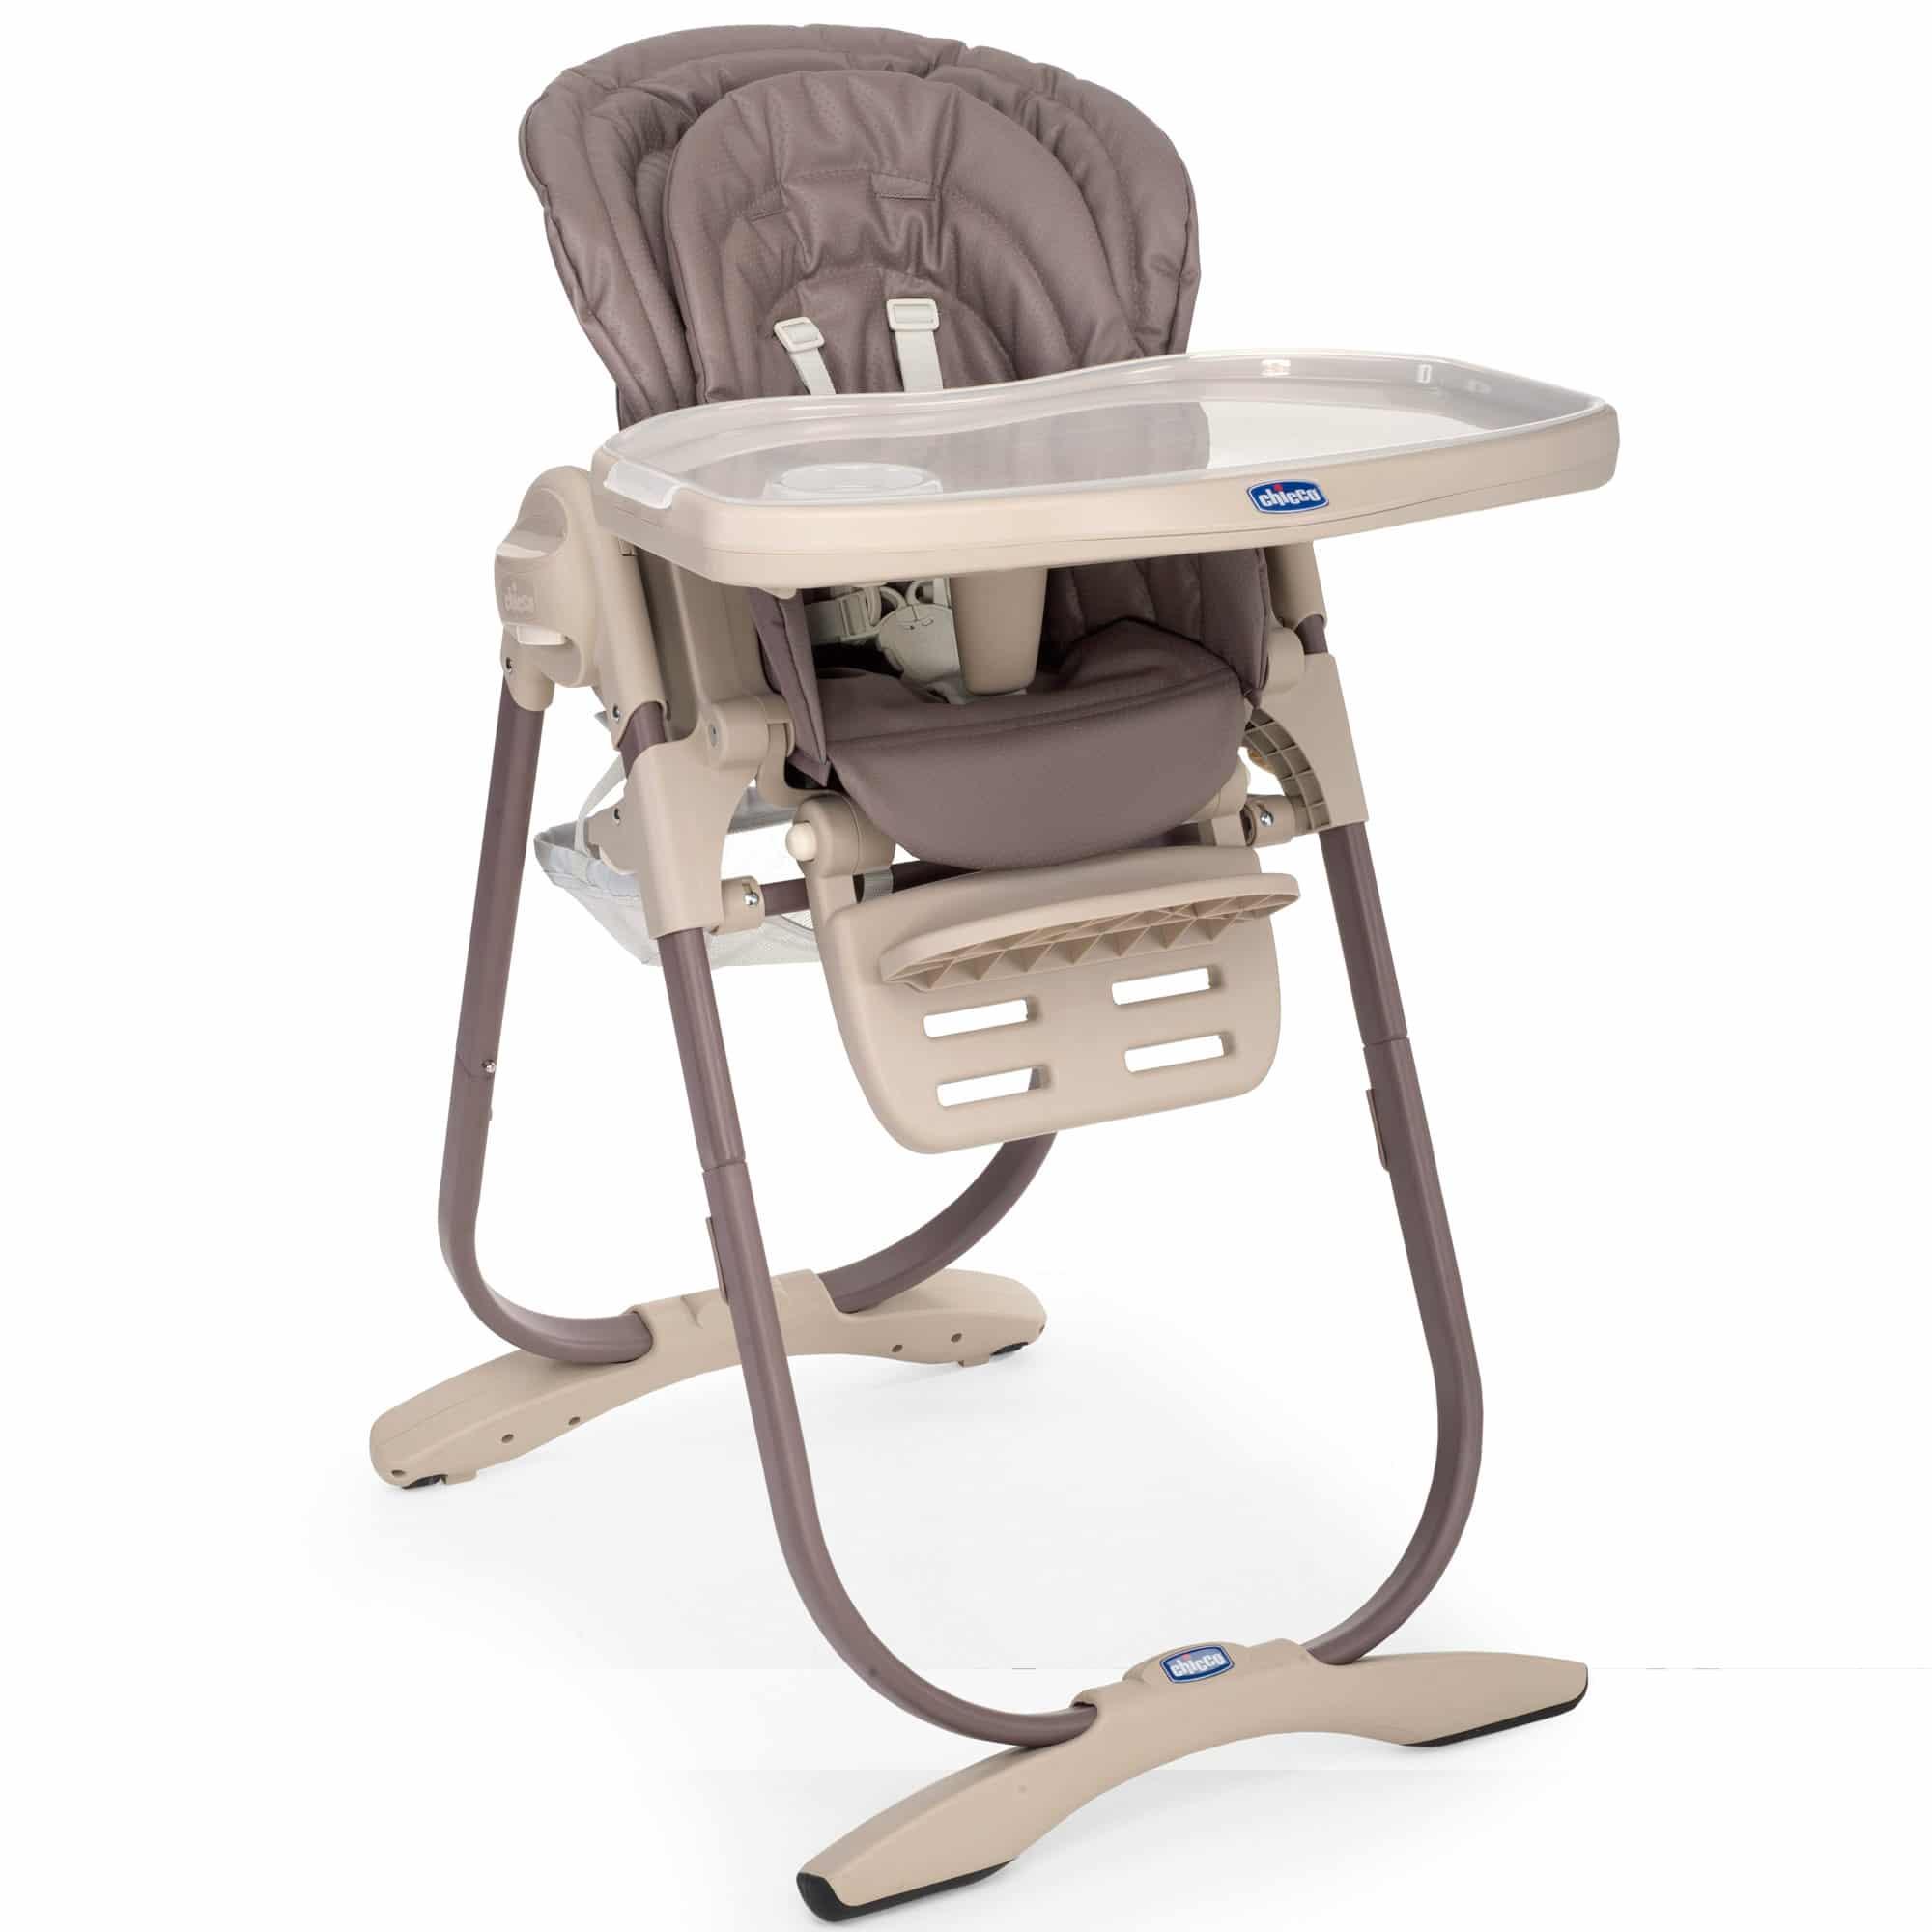 Chaise haute b b j 39 ai test quelques mod les sympas for Acheter chaise haute bebe